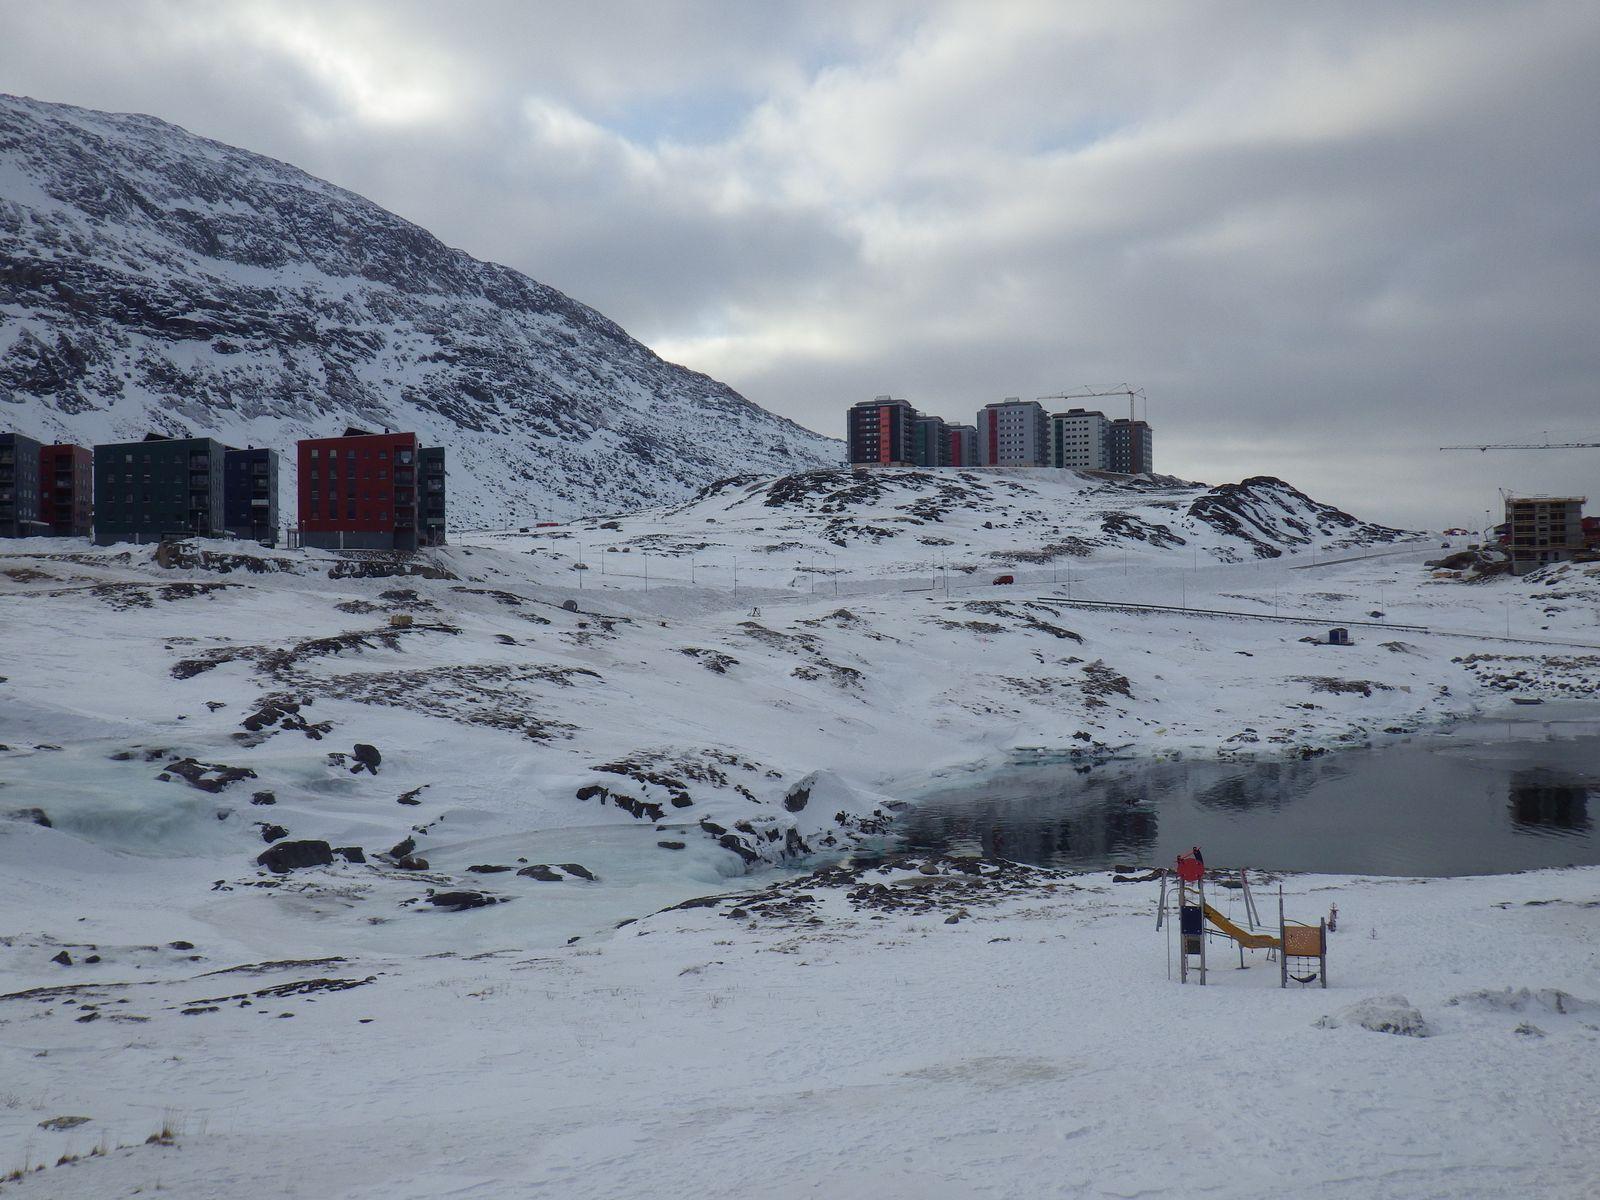 2013-02-27-1351_-_udsigt-fra-altan